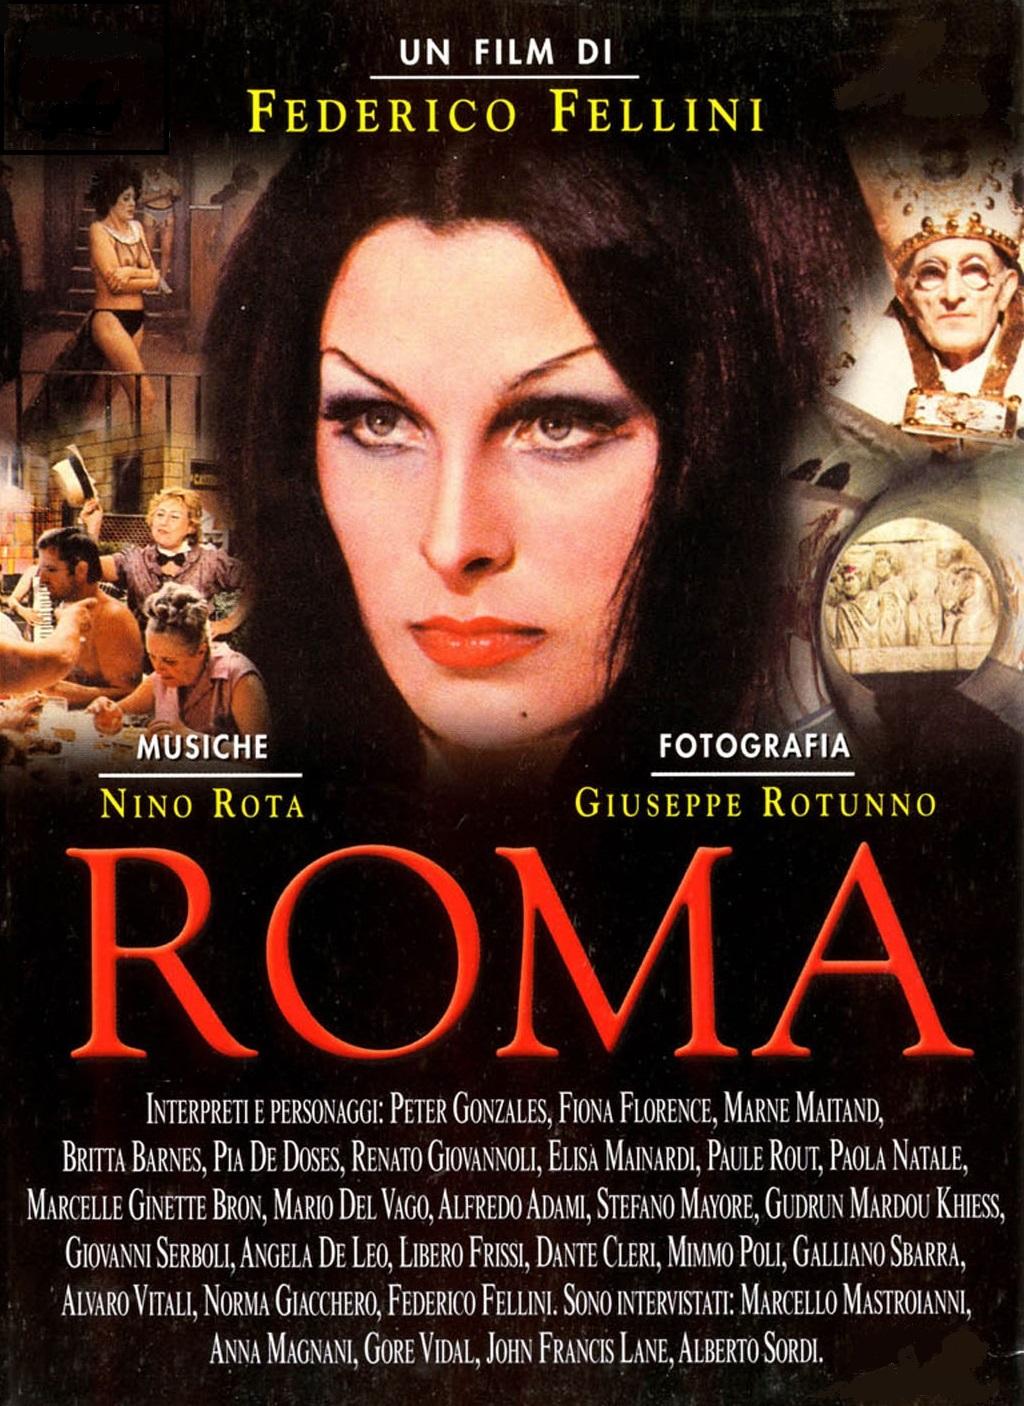 Fellini Film